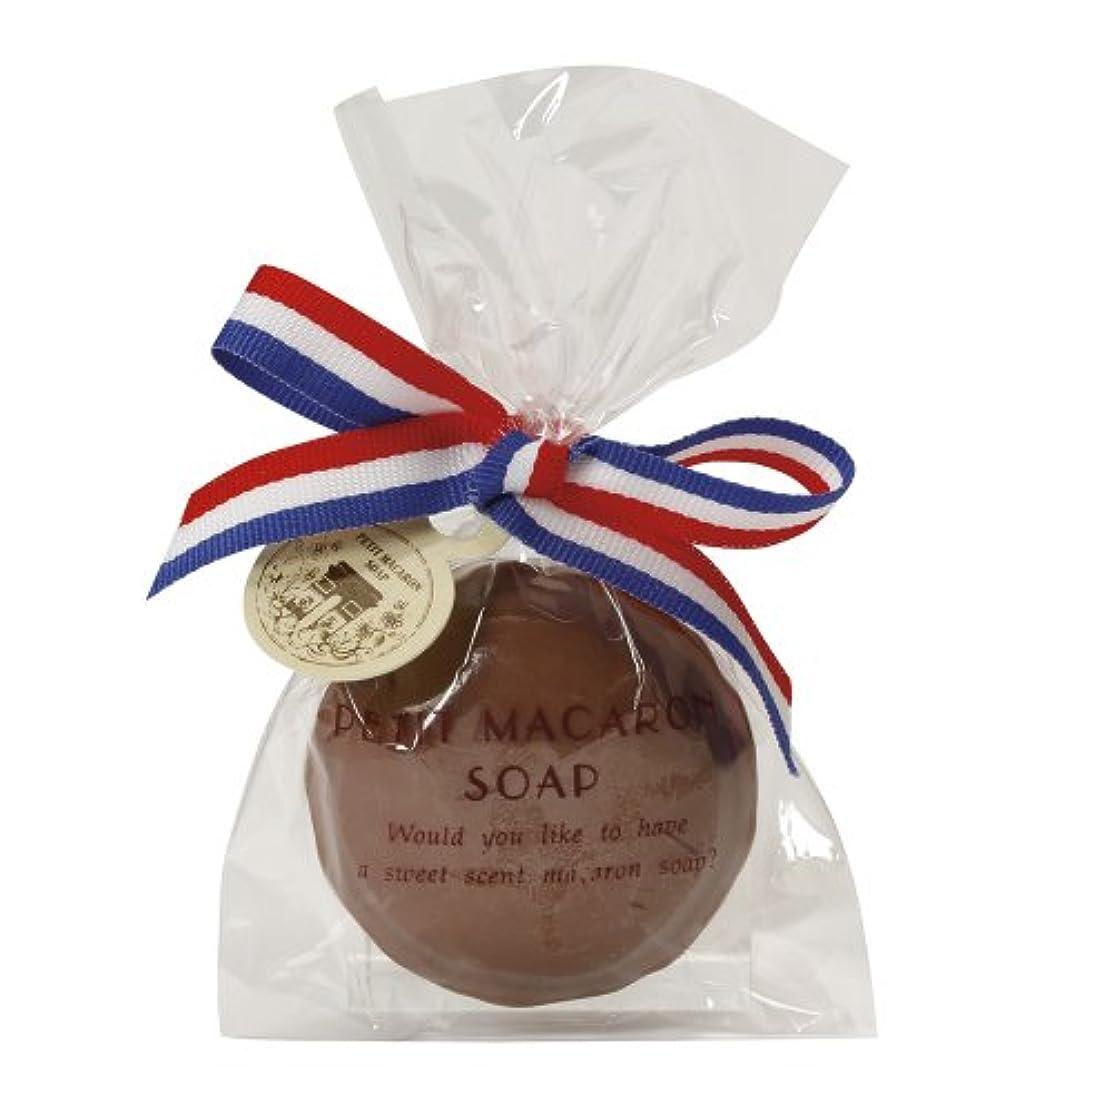 ブースト倉庫デンプシープチマカロンソープ チョコレート 22g